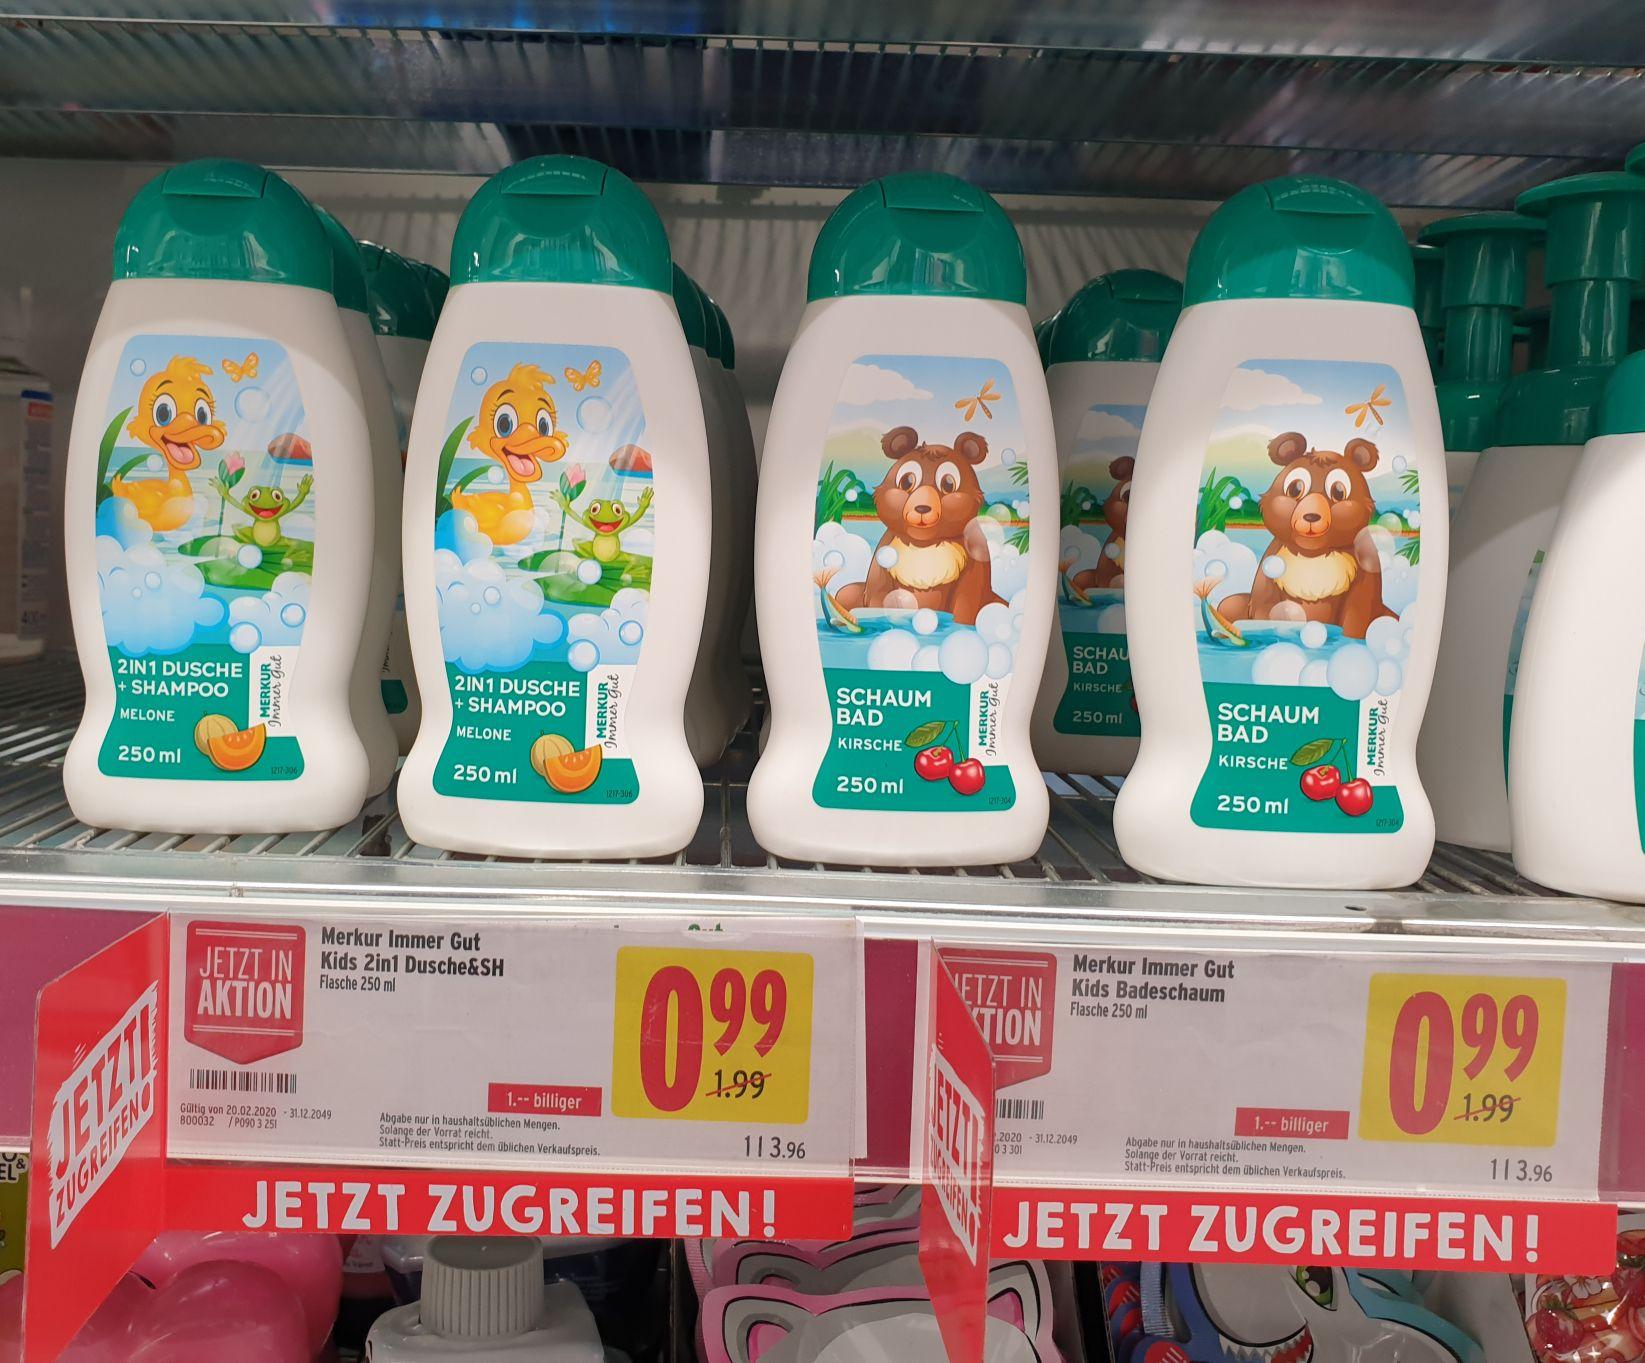 MIG Kids 2in1 Dusche (Melone) & Kids Schaumbad (Kirsche)